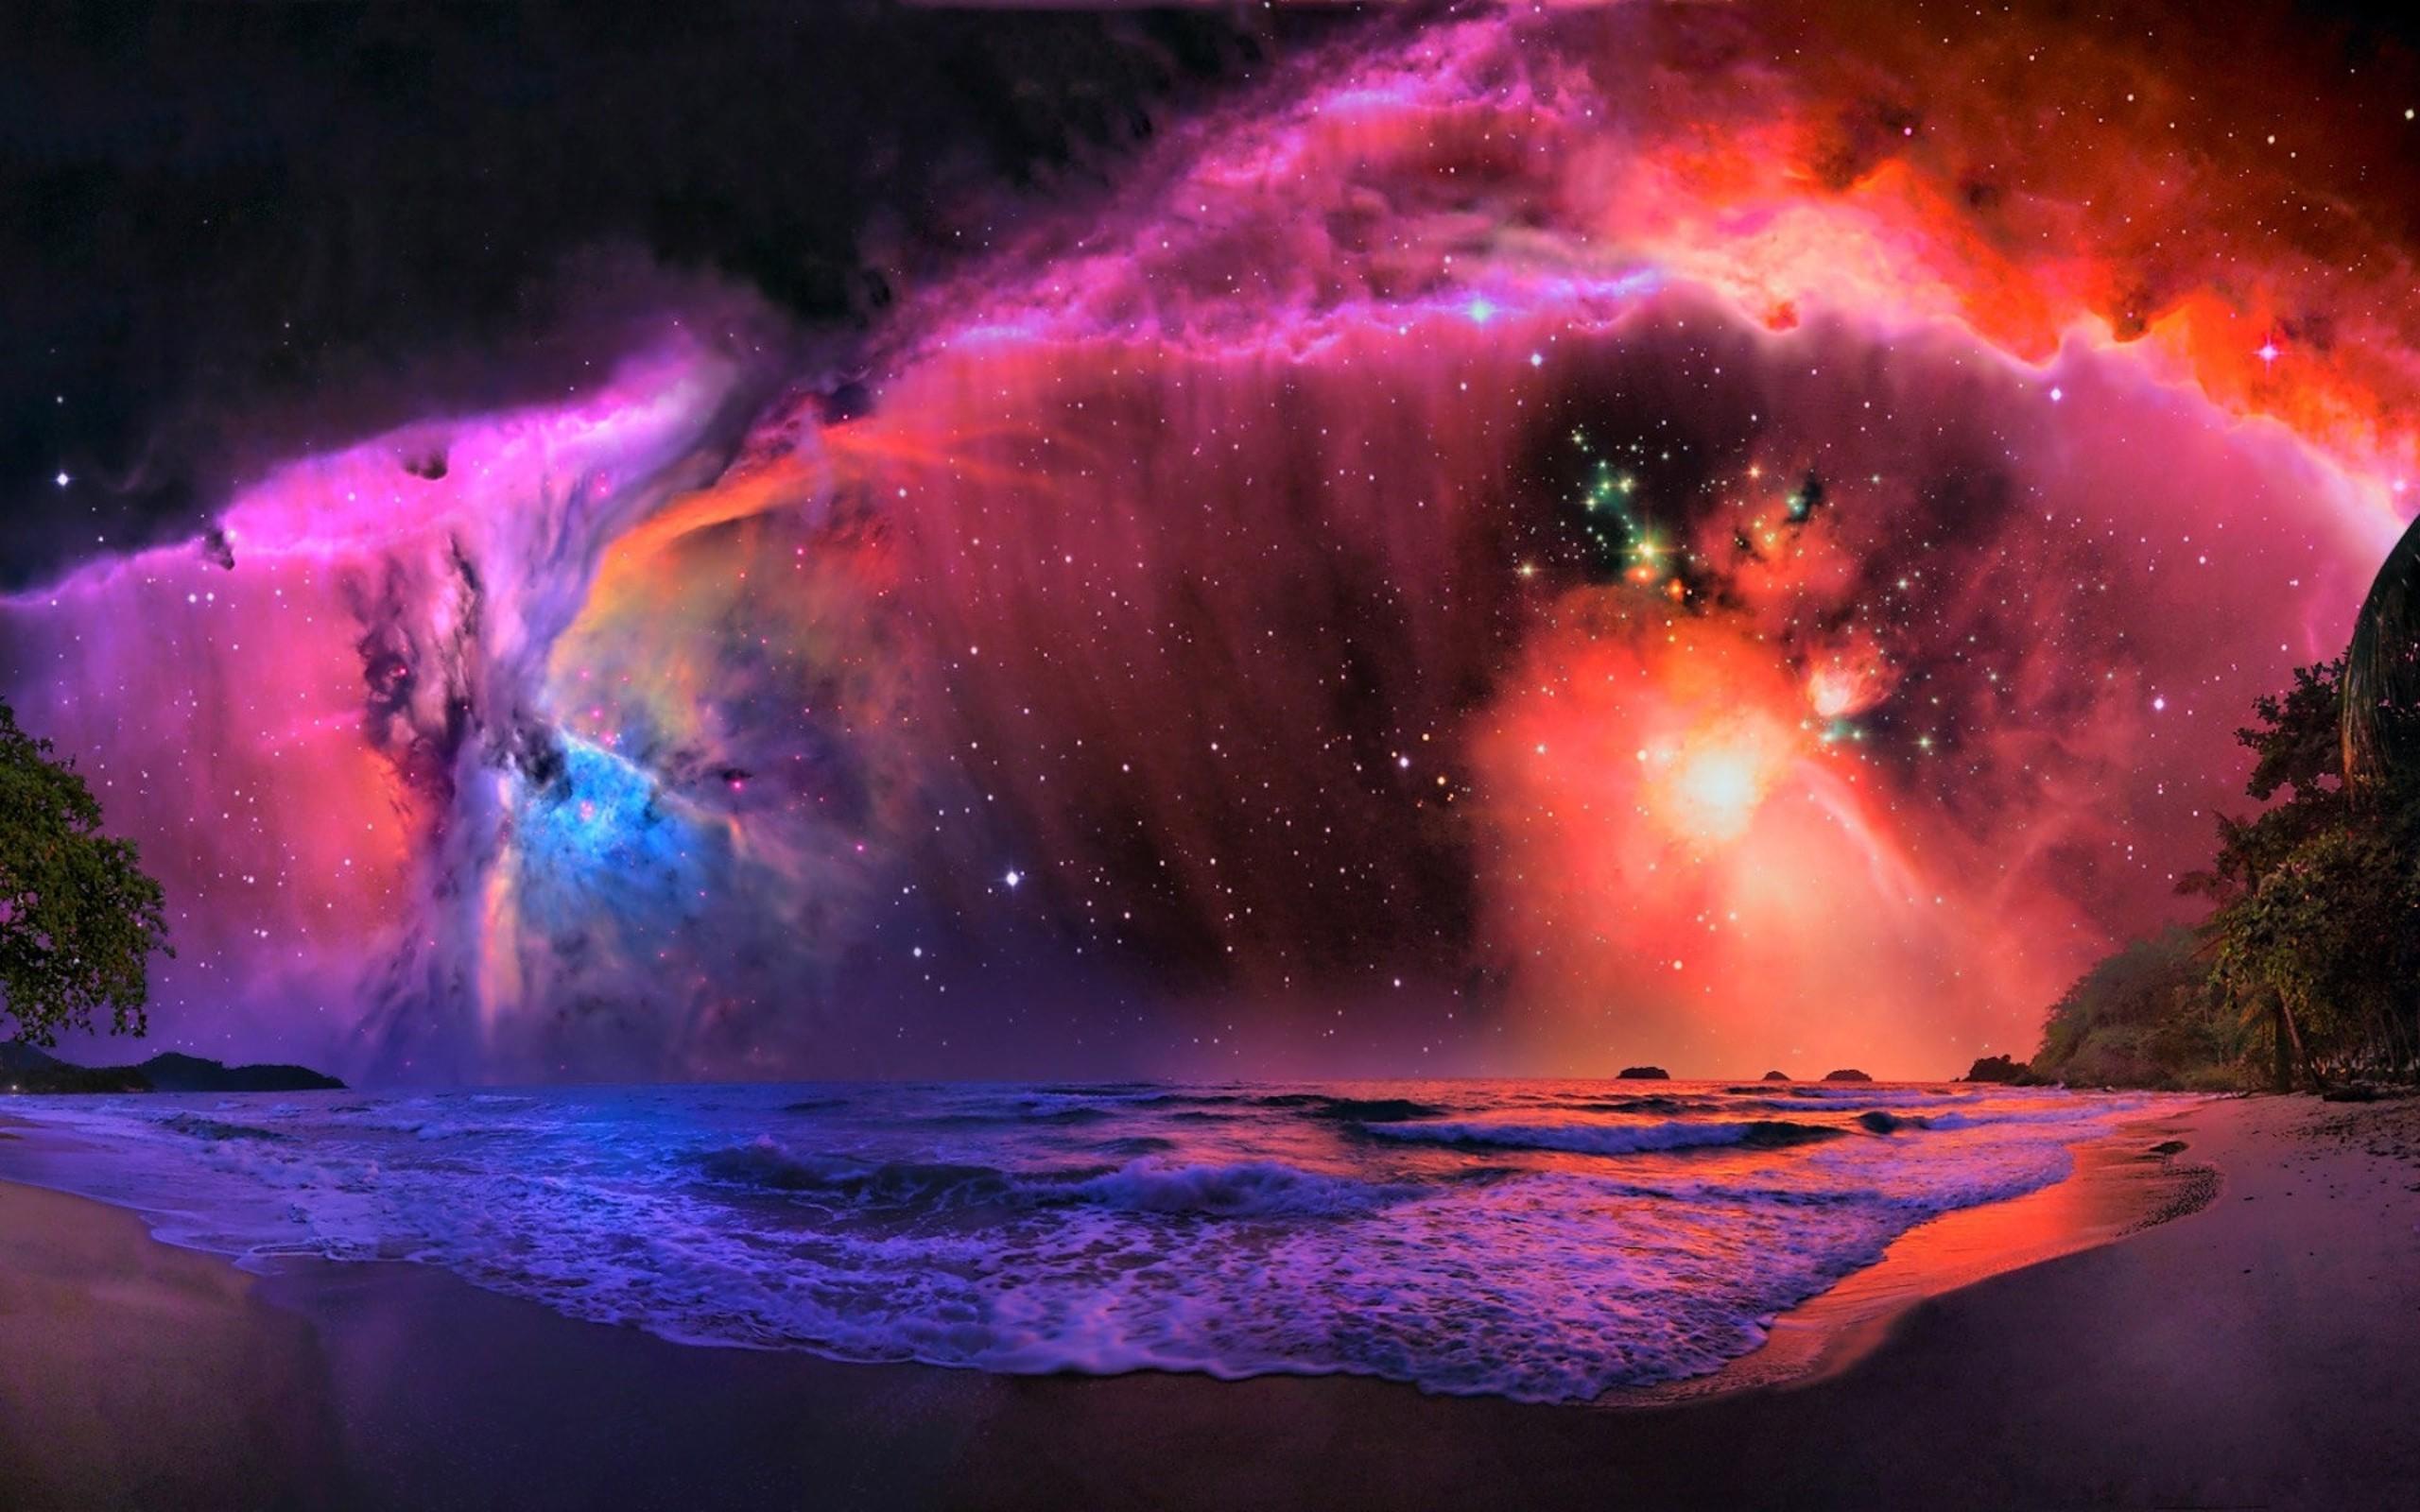 1329649148_galaxytides_353374[1]